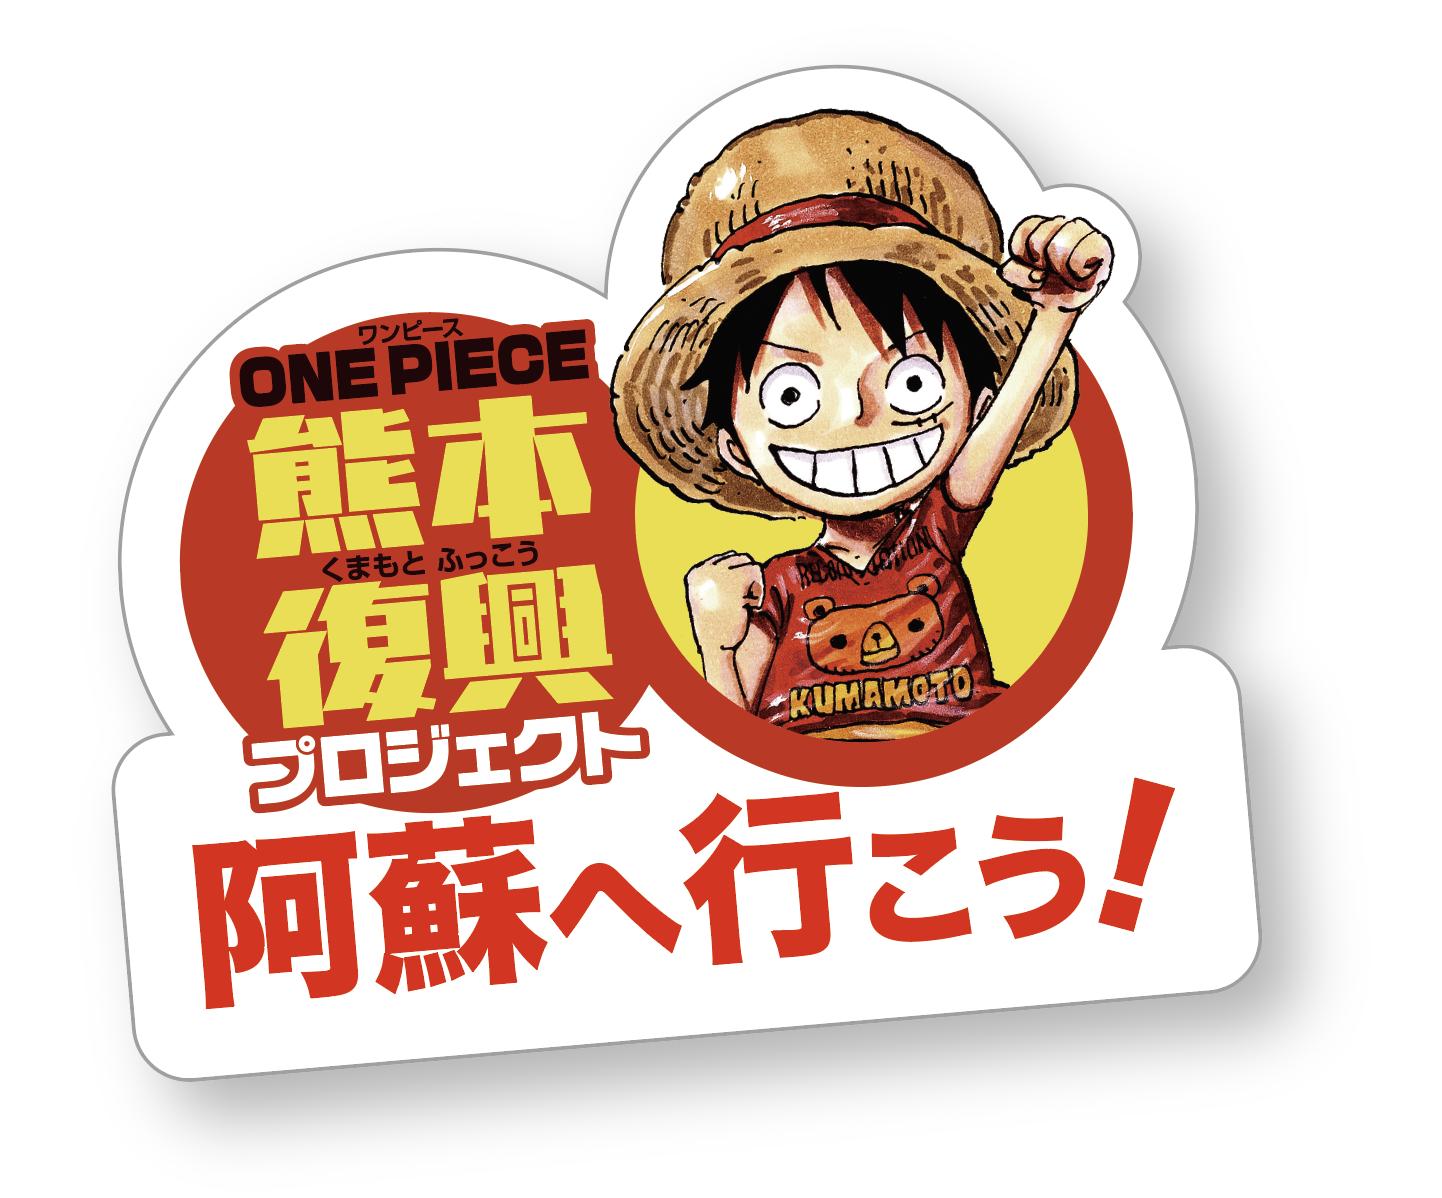 JR豊肥本線の運行再開に合わせたコラボ企画が実現!